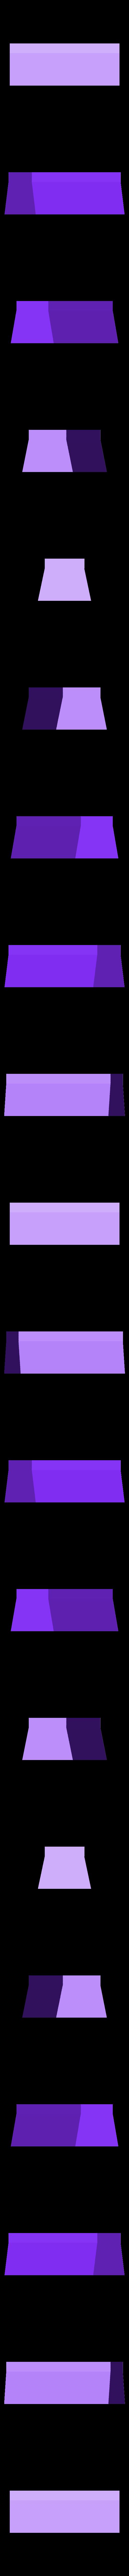 Body1.stl Télécharger fichier STL gratuit Rails linéaires Adaptateur de hauteur de l'axe Y • Modèle à imprimer en 3D, Albuquerque